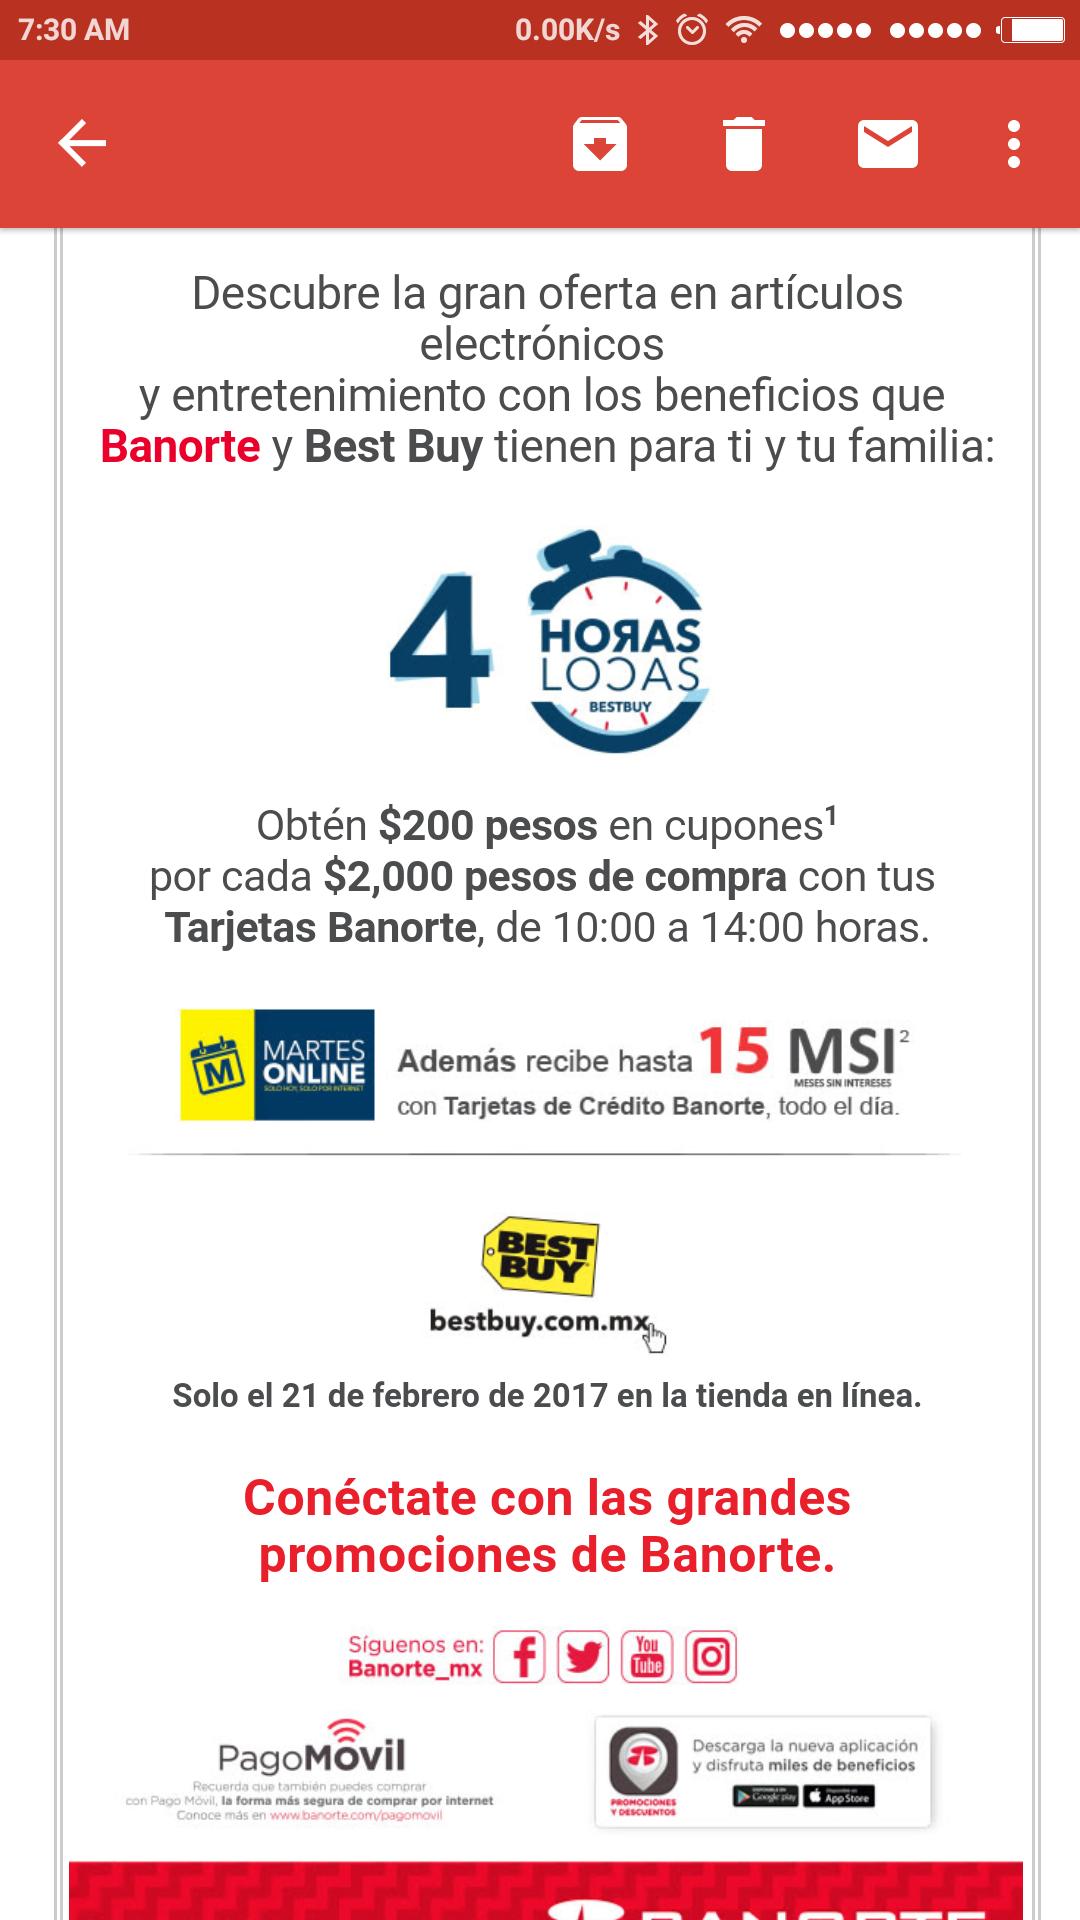 Best Buy y Banorte: 4 horas locas